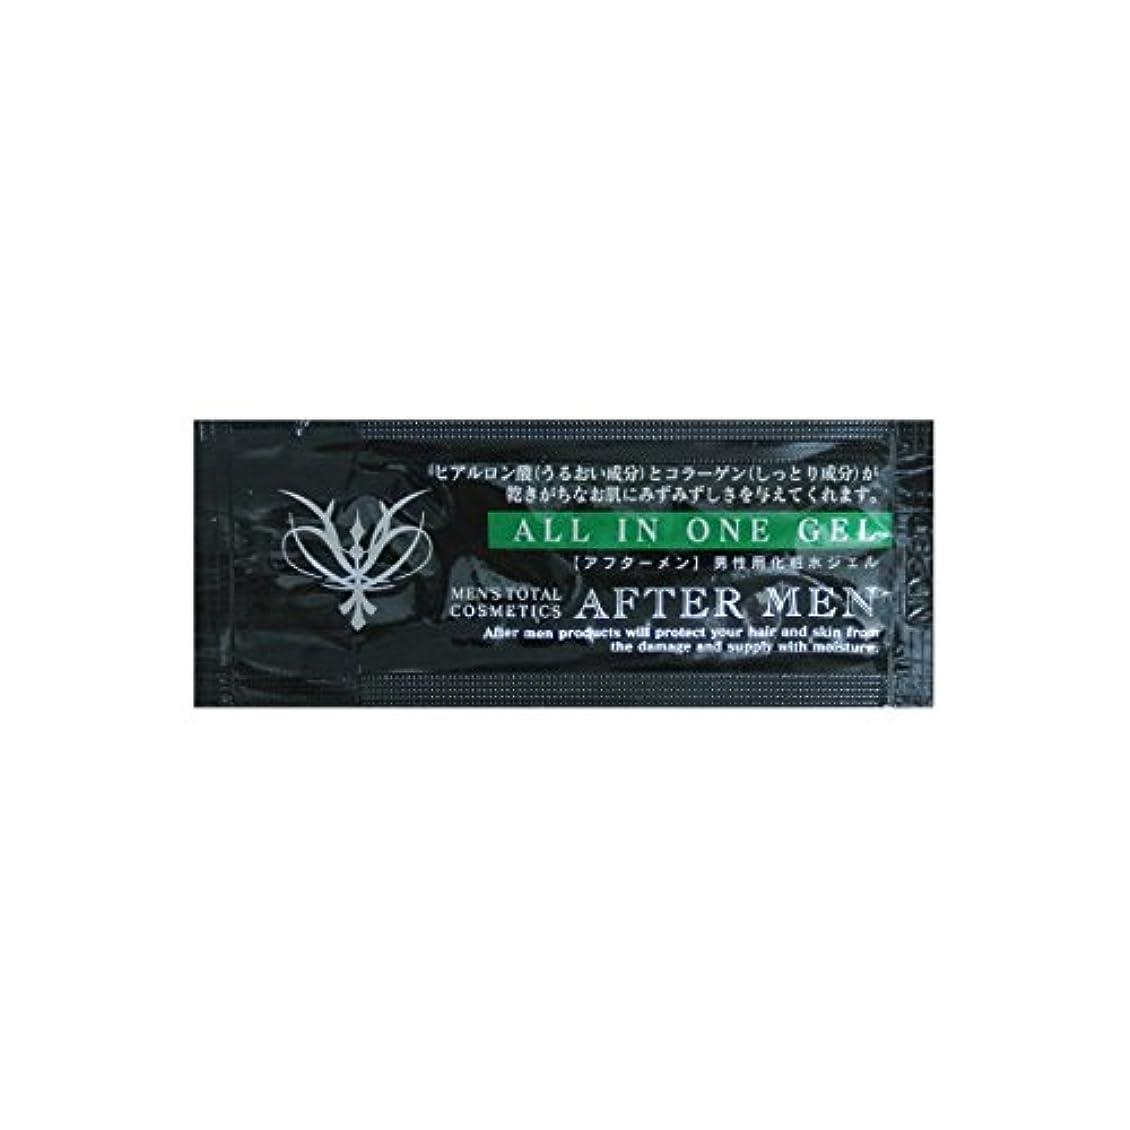 忘れられない累計論争的アフターメン オールインワンジェル化粧水 200包